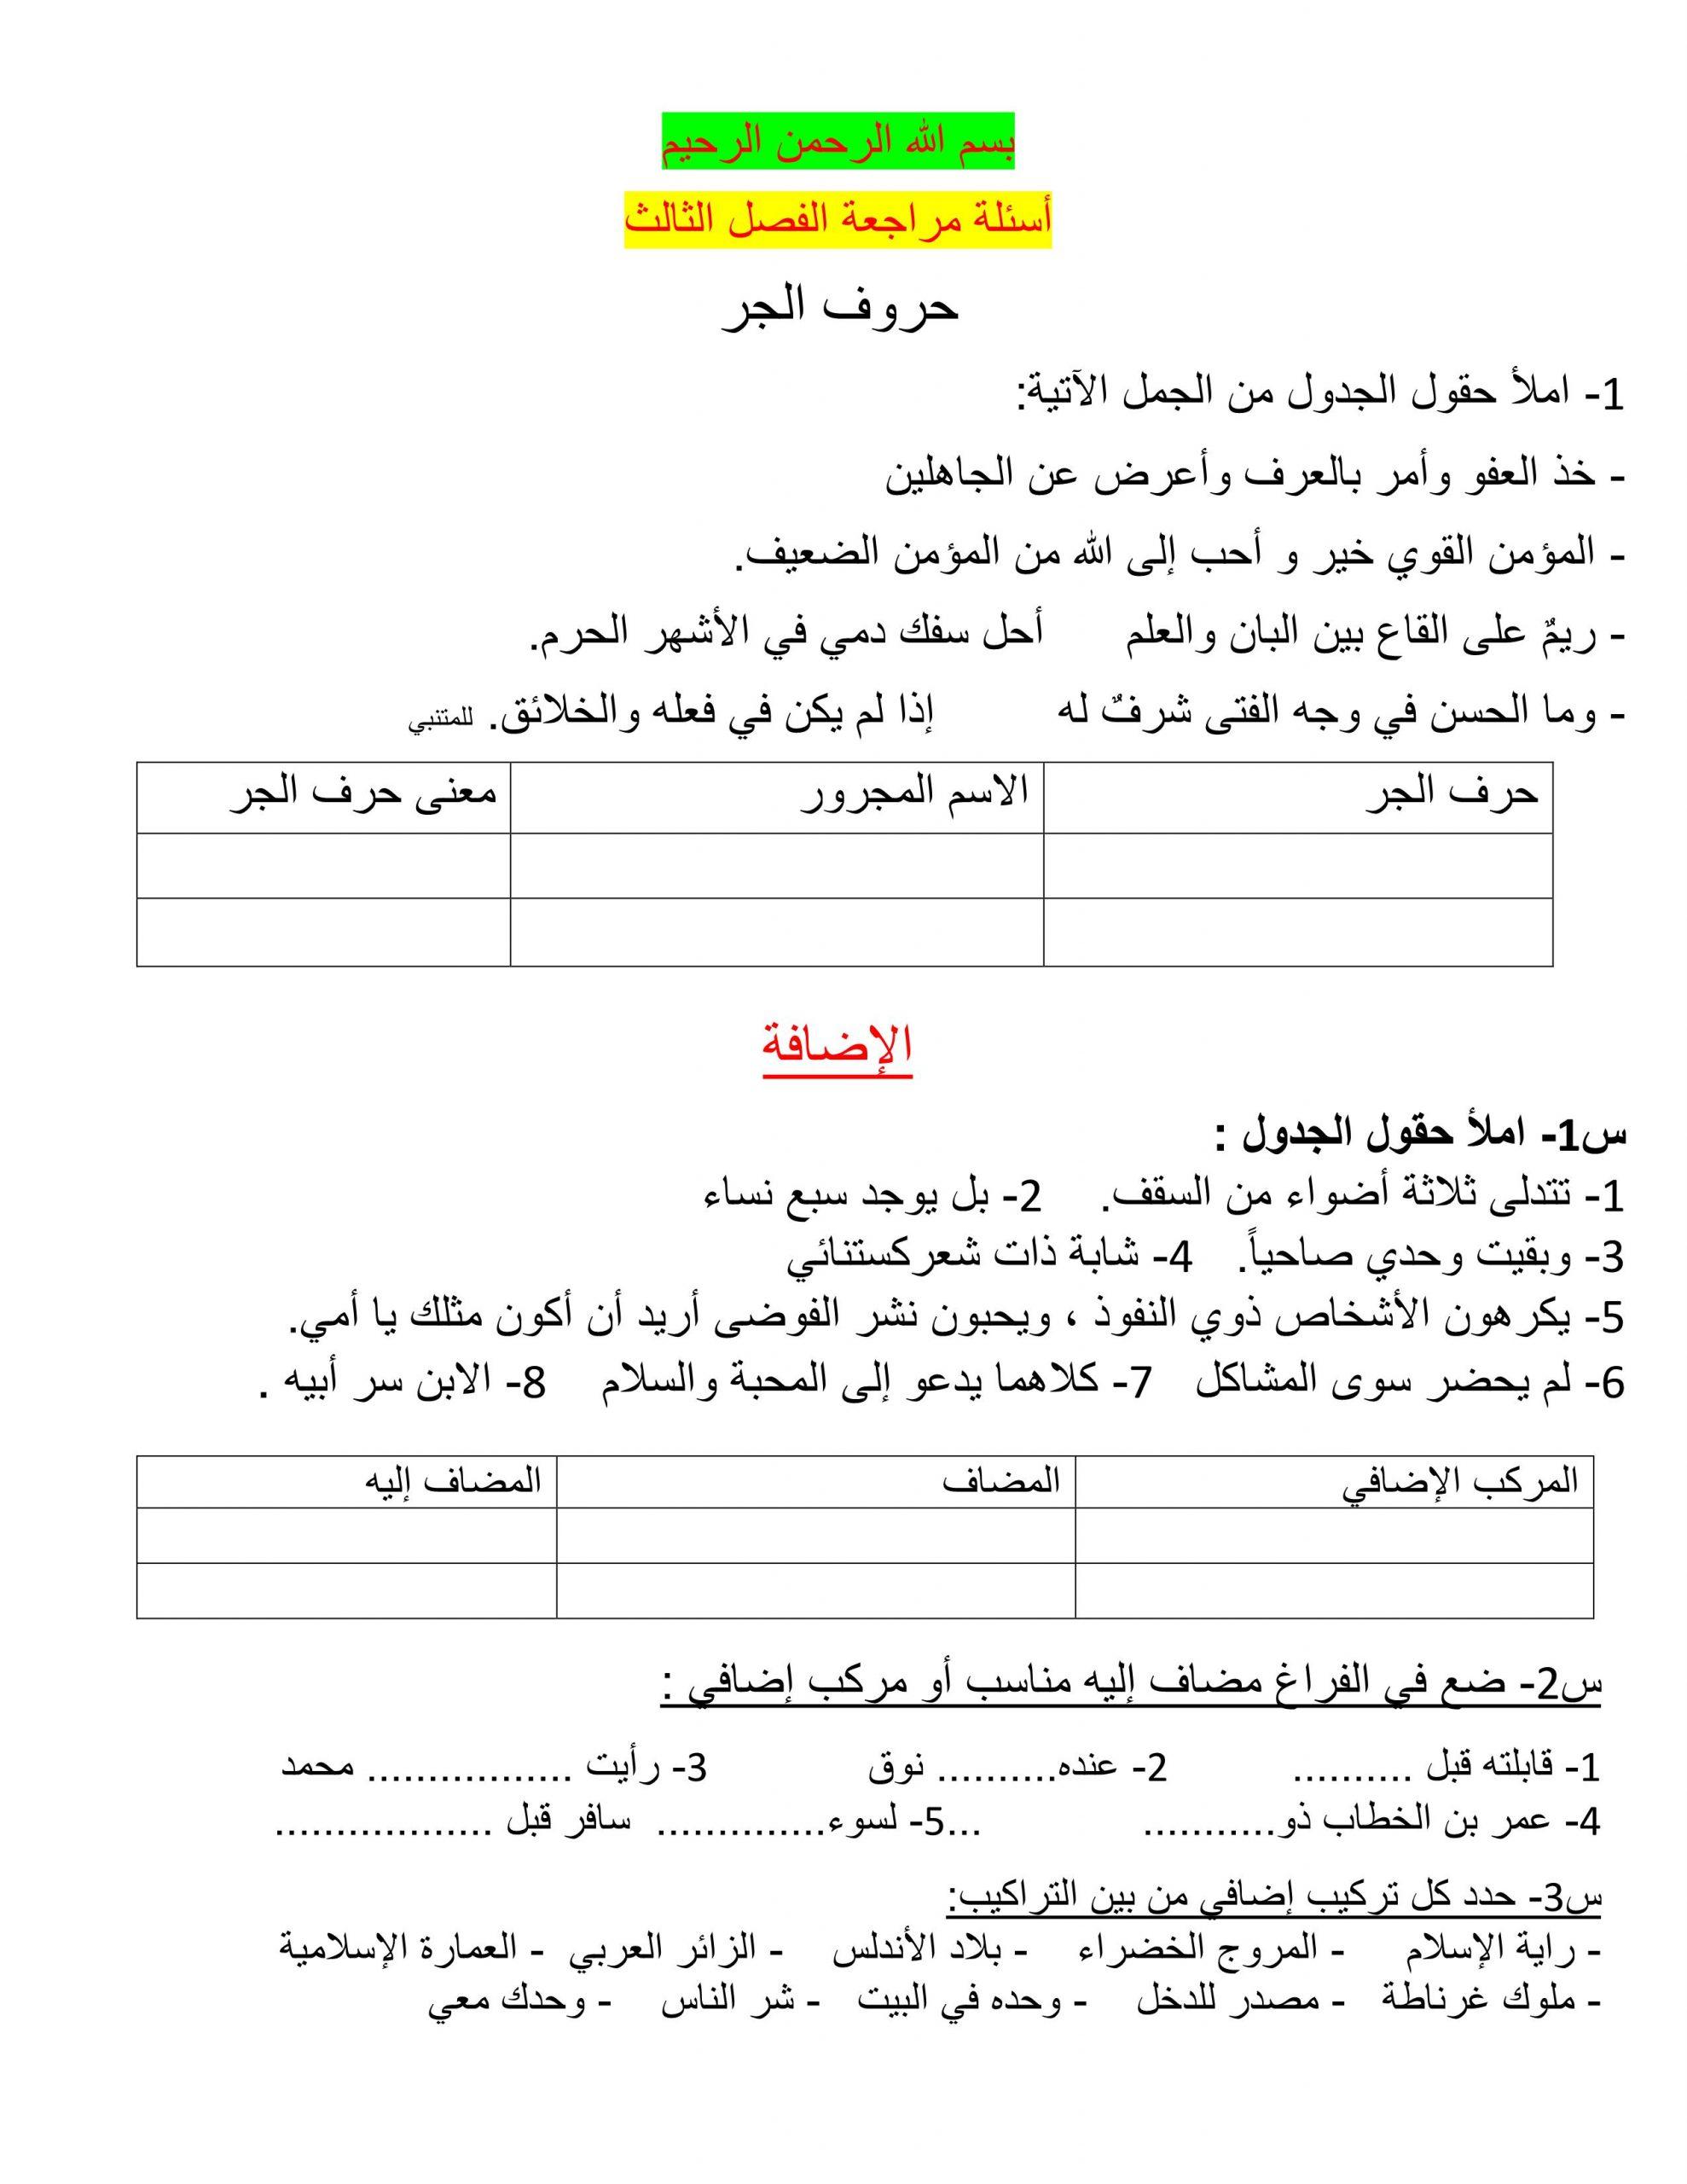 أسئلة مراجعة الفصل الدراسي الثالث الصف الثاني عشر مادة اللغة العربية